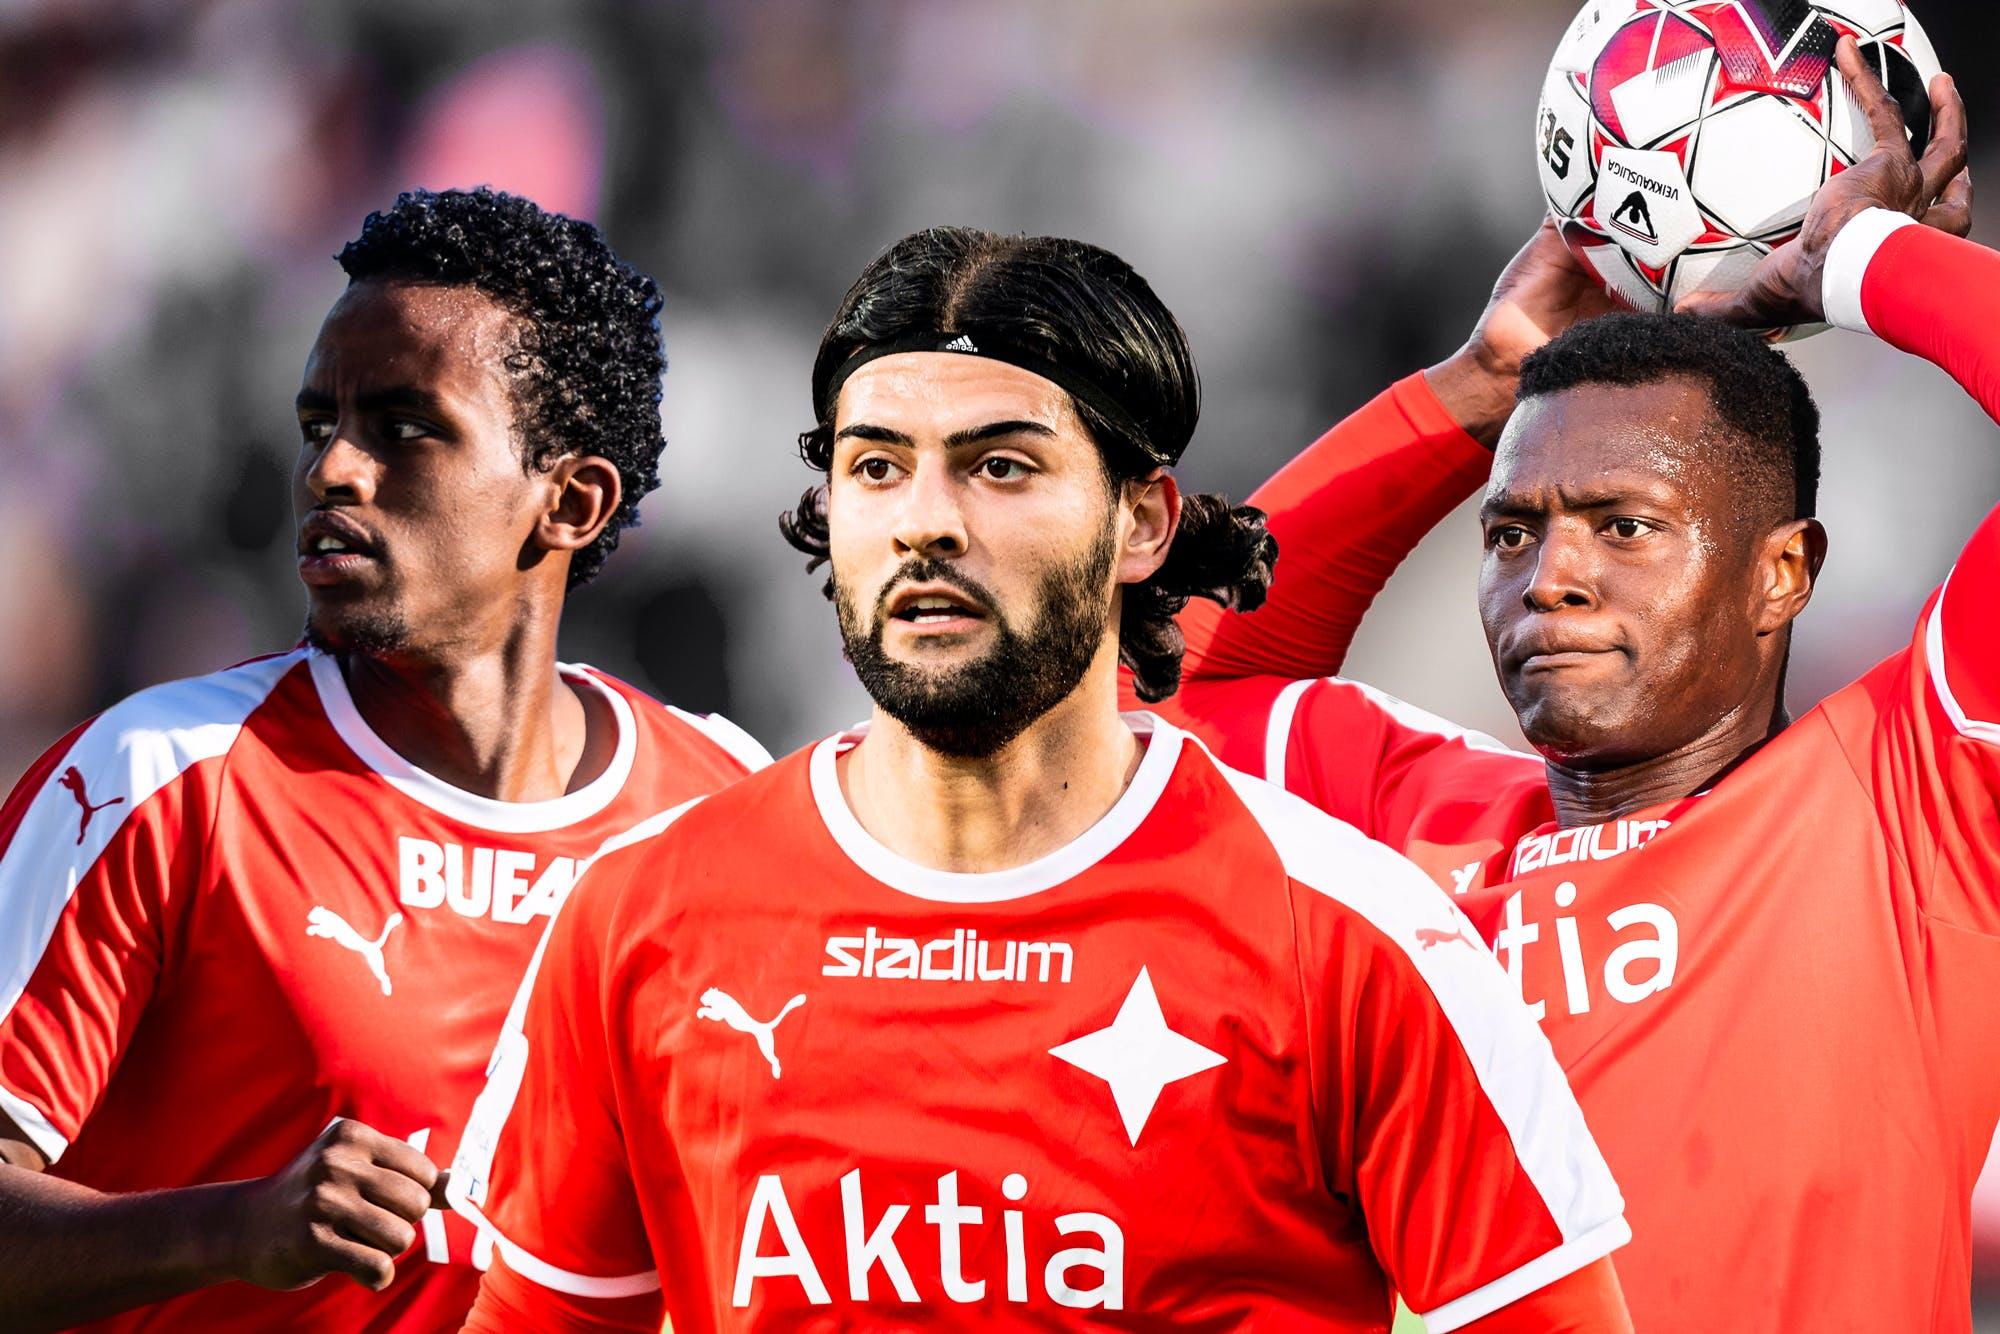 HIFK:n pelaajat maajoukkueissa